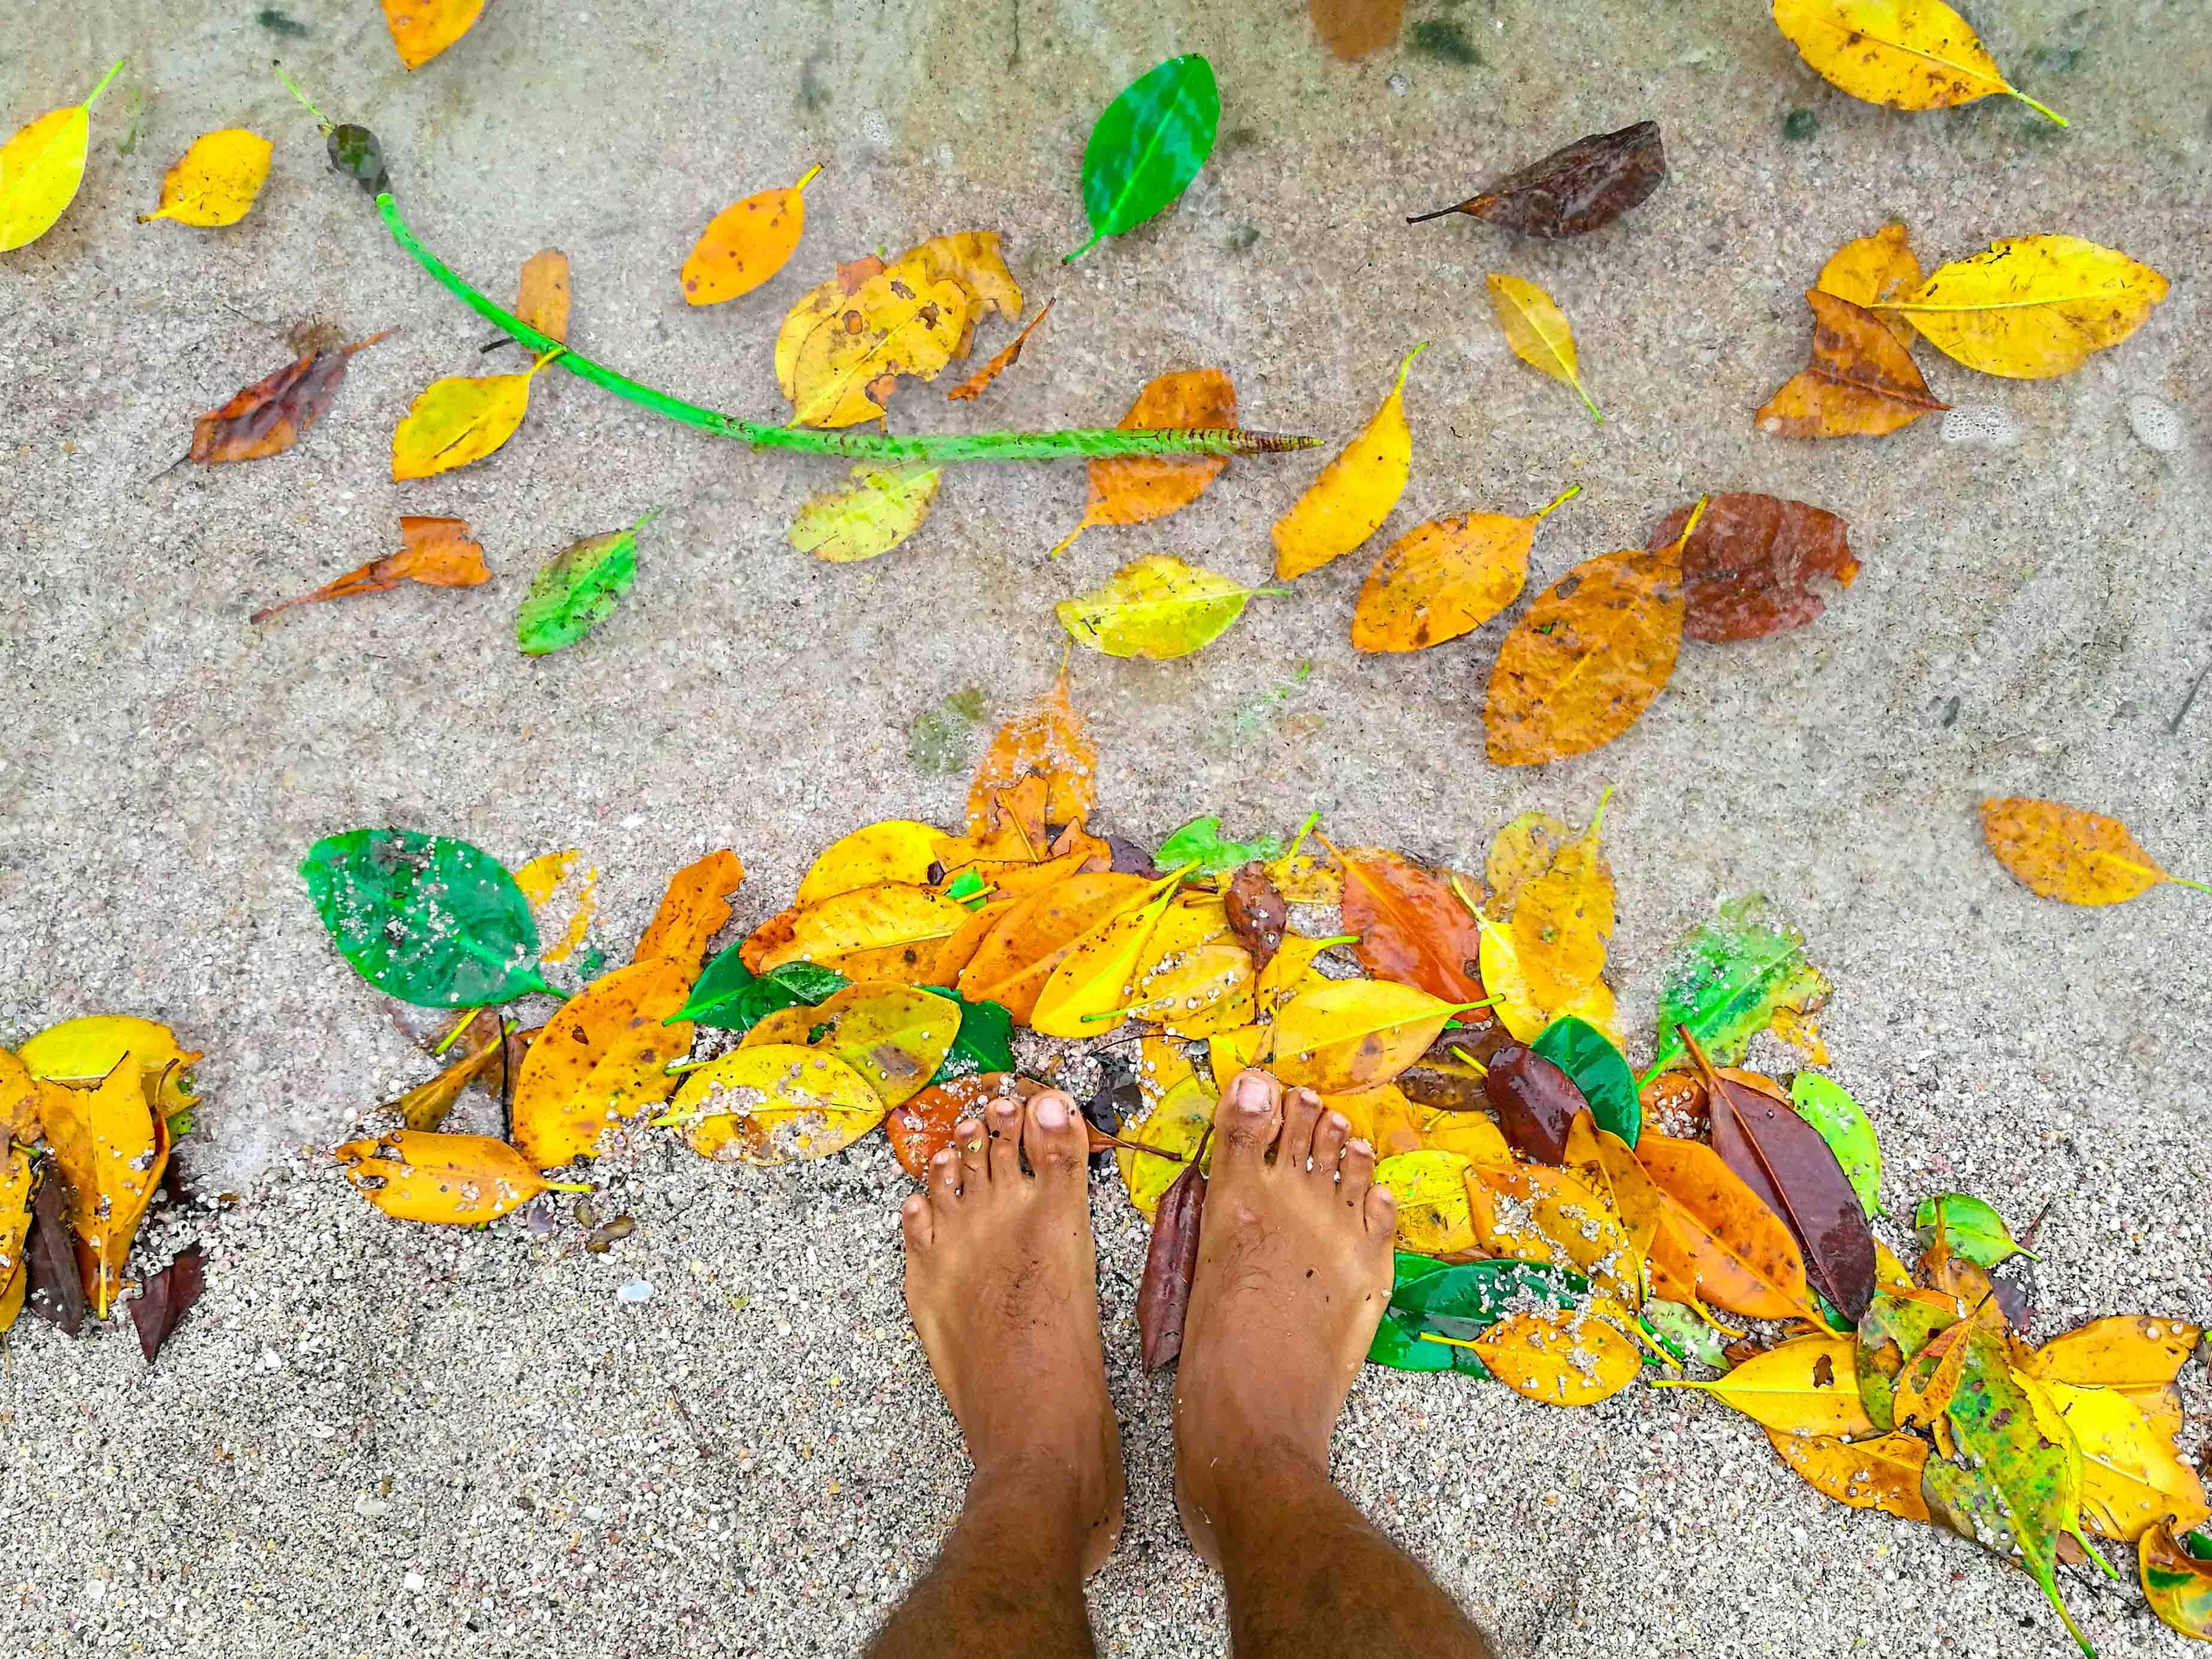 Folhas que caem das árvores, formando um cenário lindo - Koh Phayam